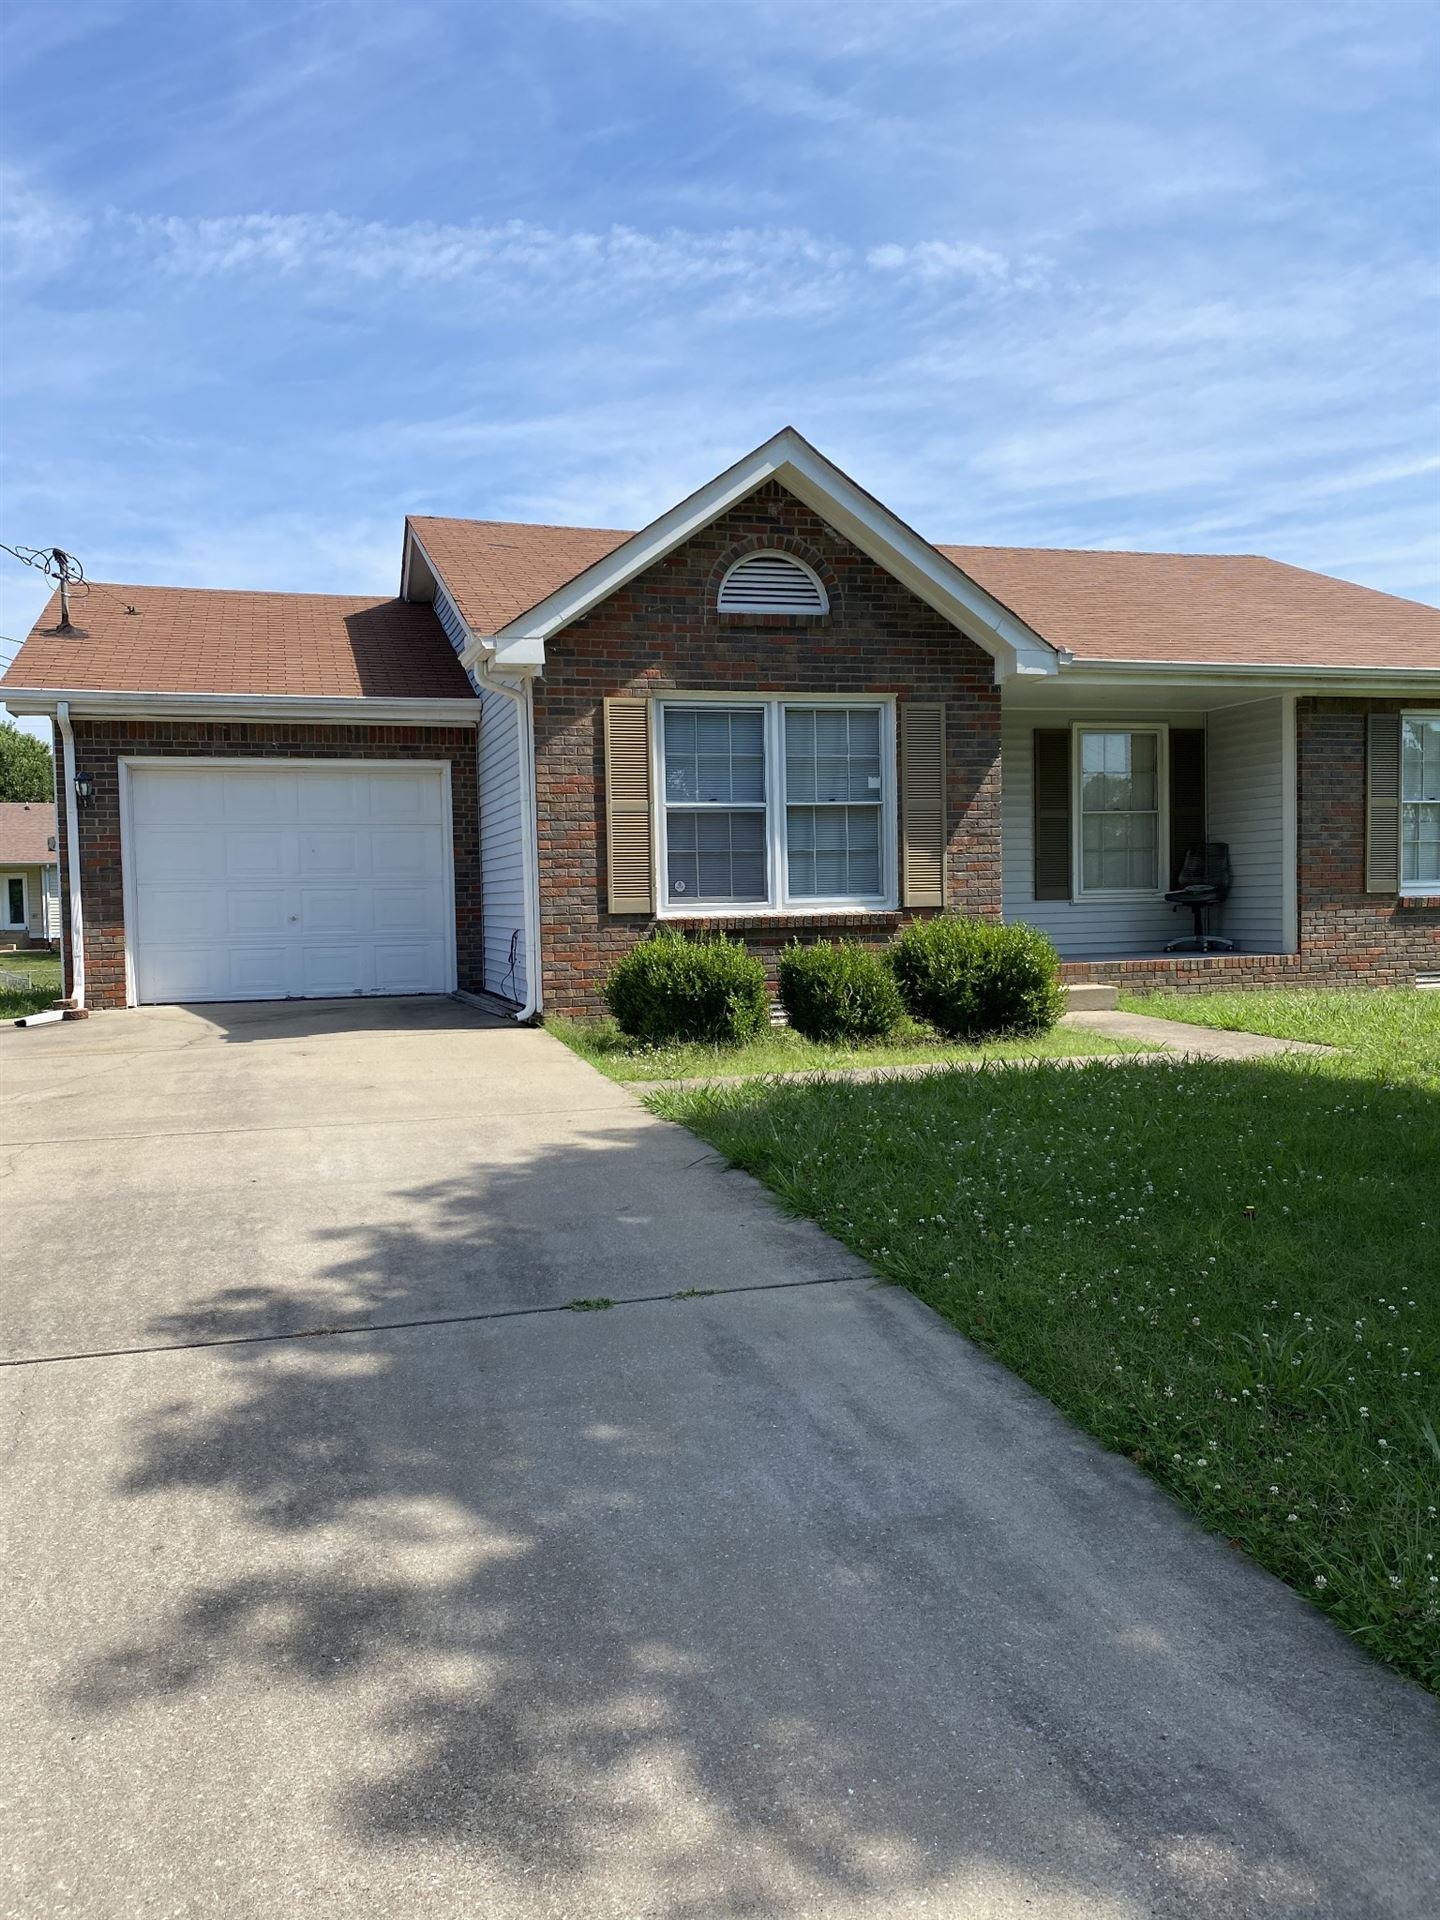 1312 Wennona Dr, Clarksville, TN 37042 - MLS#: 2190976